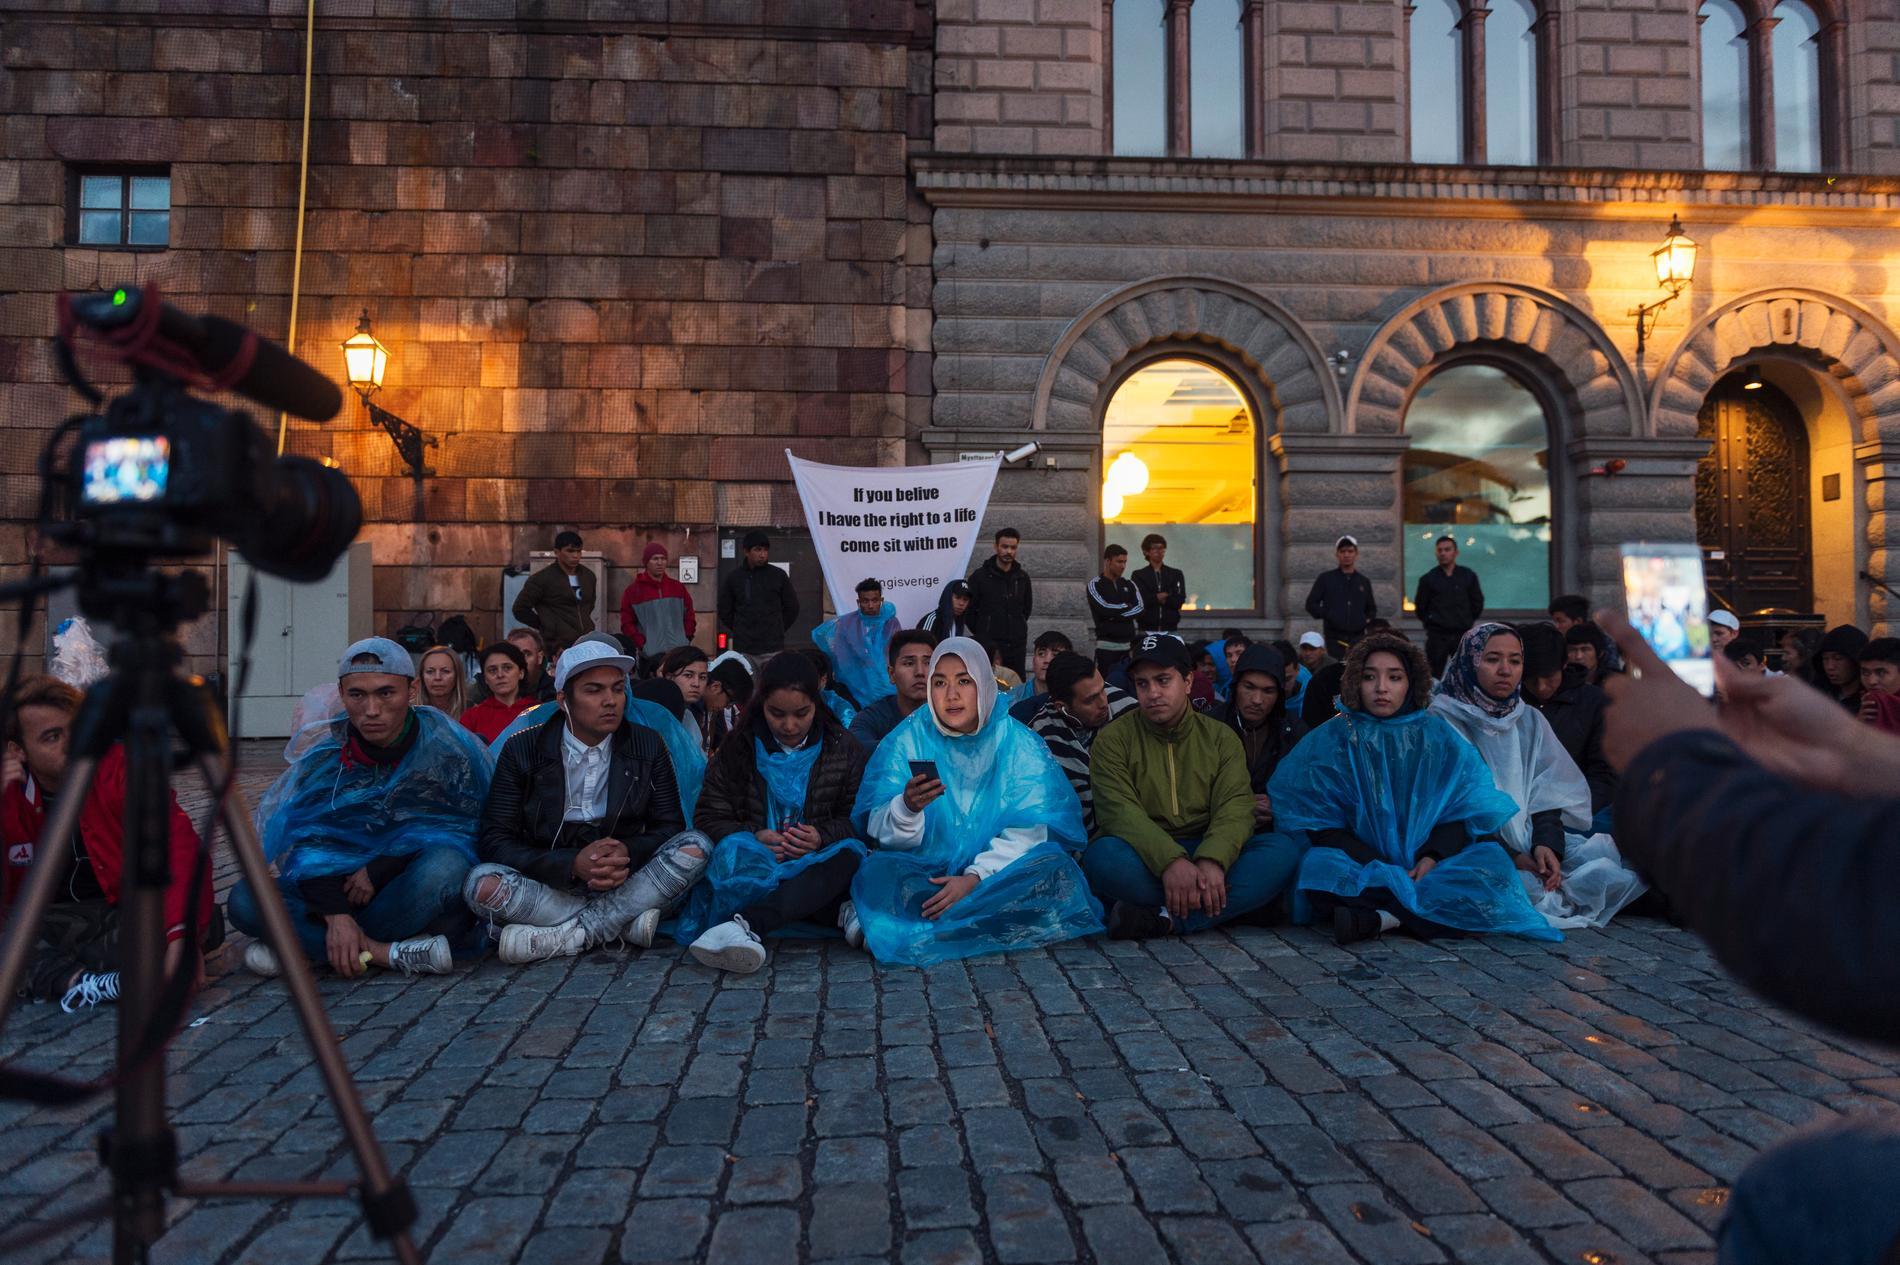 Hundratalet ensamkommande ungdomar sittstrejkade på Mynttorget i Stockholm förra sommaren för att få stanna i Sverige. (Arkivbild)